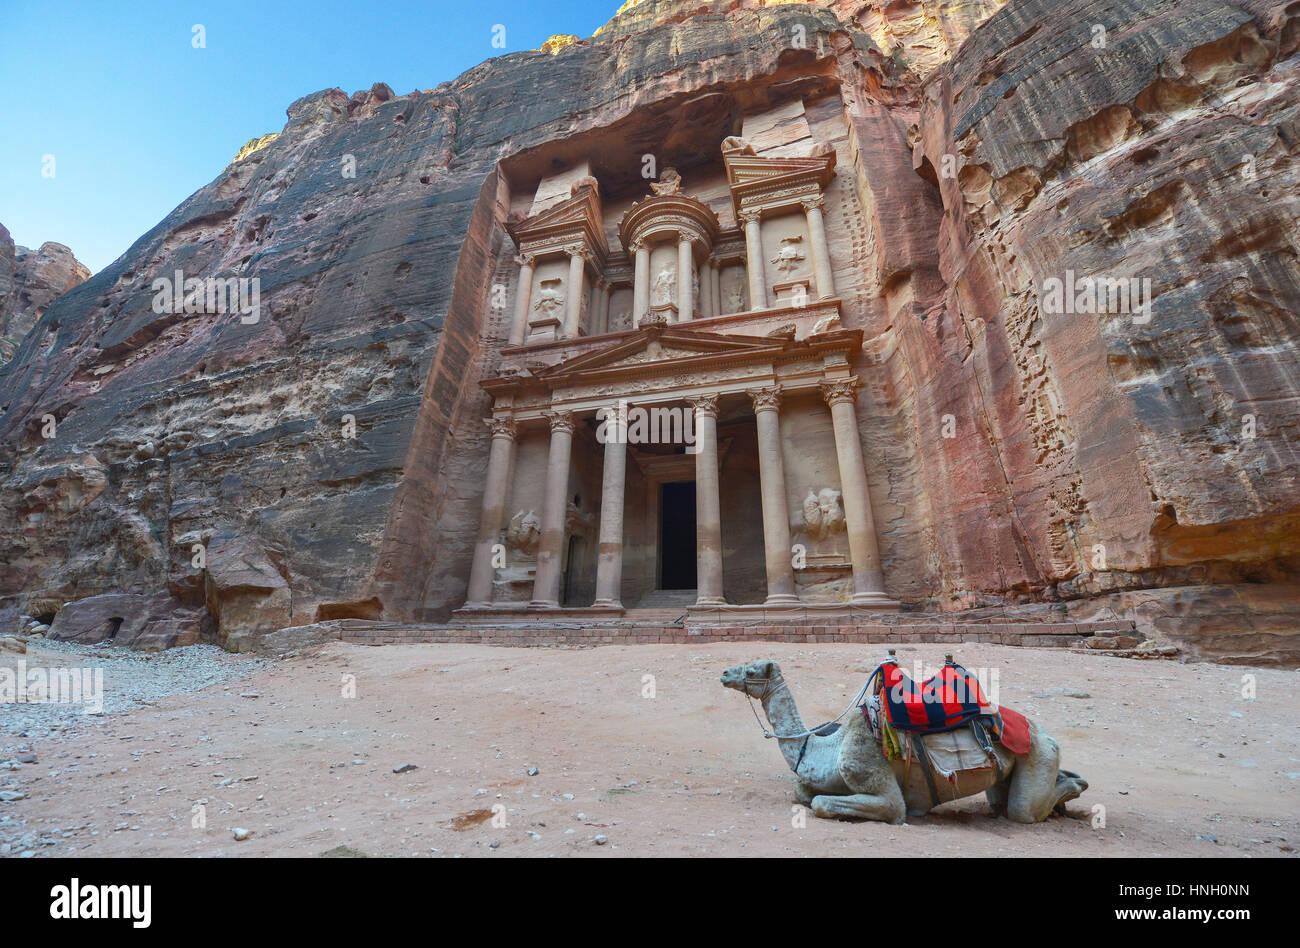 Al Khazneh, dans la ville antique de Pétra, en Jordanie. Le Conseil du Trésor. Petra a conduit à Photo Stock